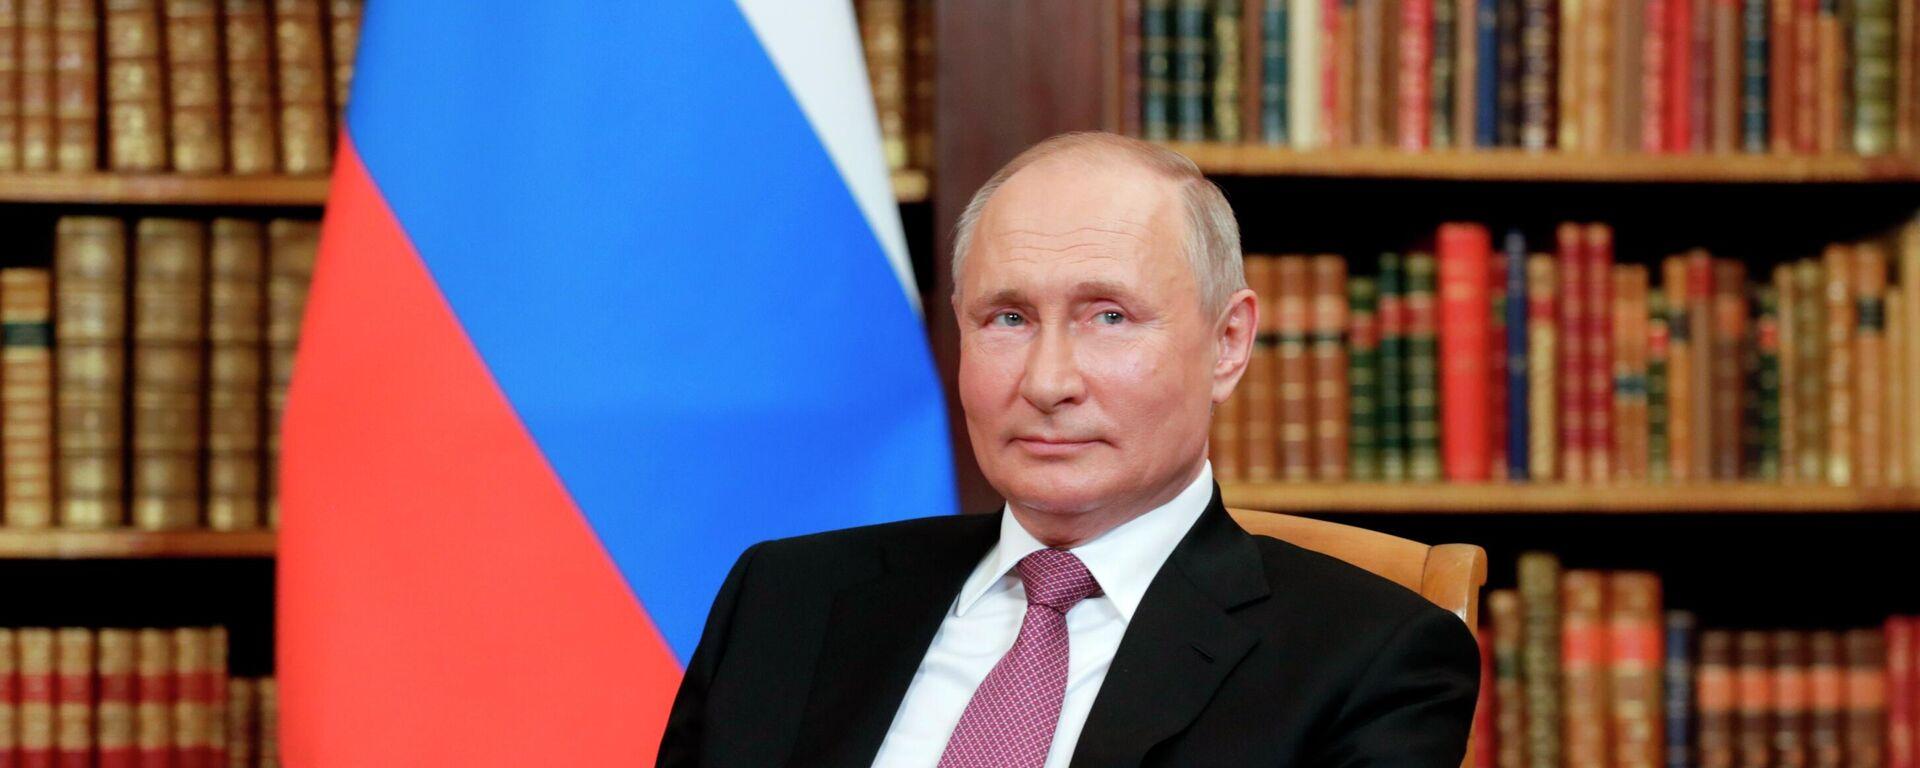 El presidente de Rusia, Vladímir Putin, en la cumbre con Joe Biden - Sputnik Mundo, 1920, 22.07.2021